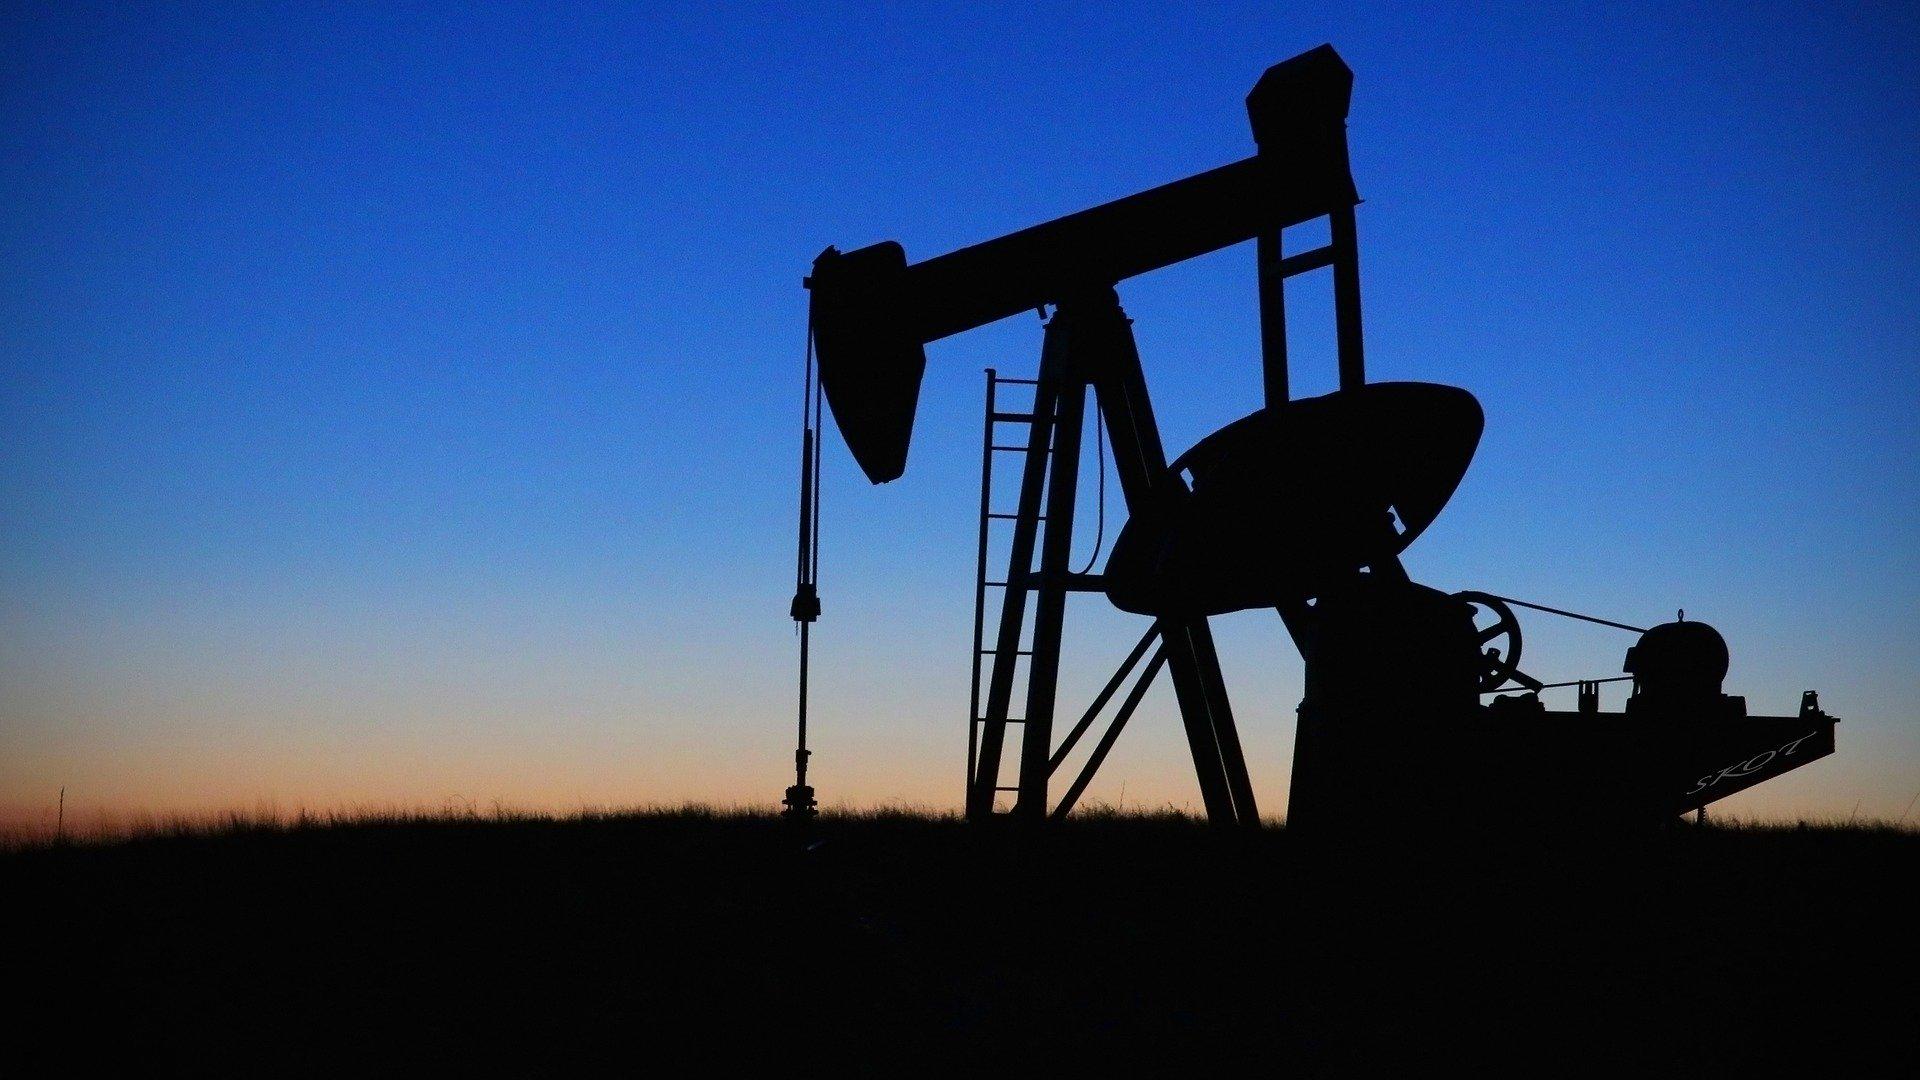 Le Coronavirus fait chuter le pétrole, l'Opep s'inquiète